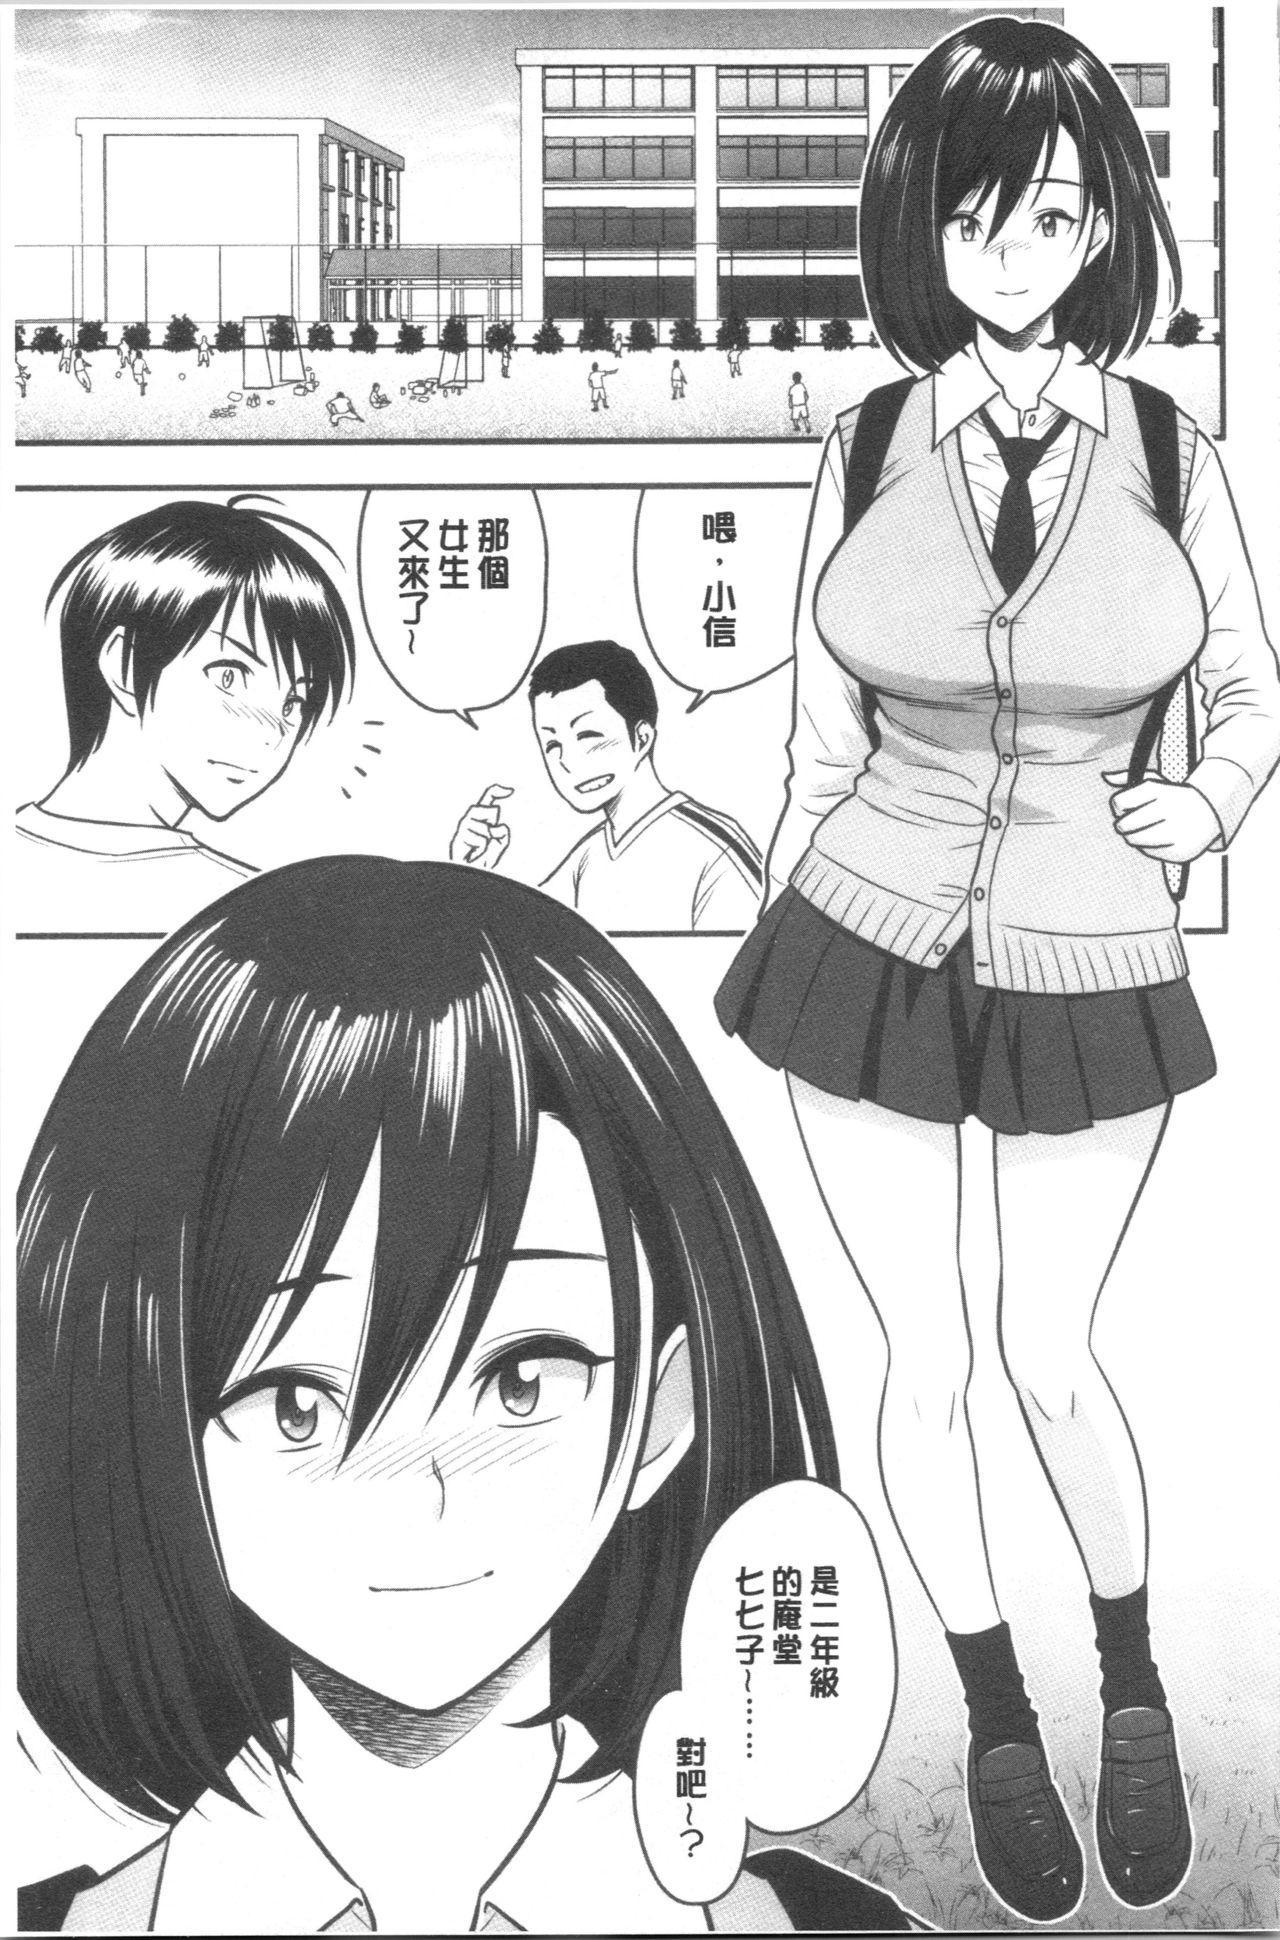 [Tatsunami Youtoku] Dankon Sousai -Hitozuma Kyoushi ga Netorareru made no Kiroku- | 男根想妻 -人妻女教師被寢取偷吃為止的記錄- [Chinese] 53